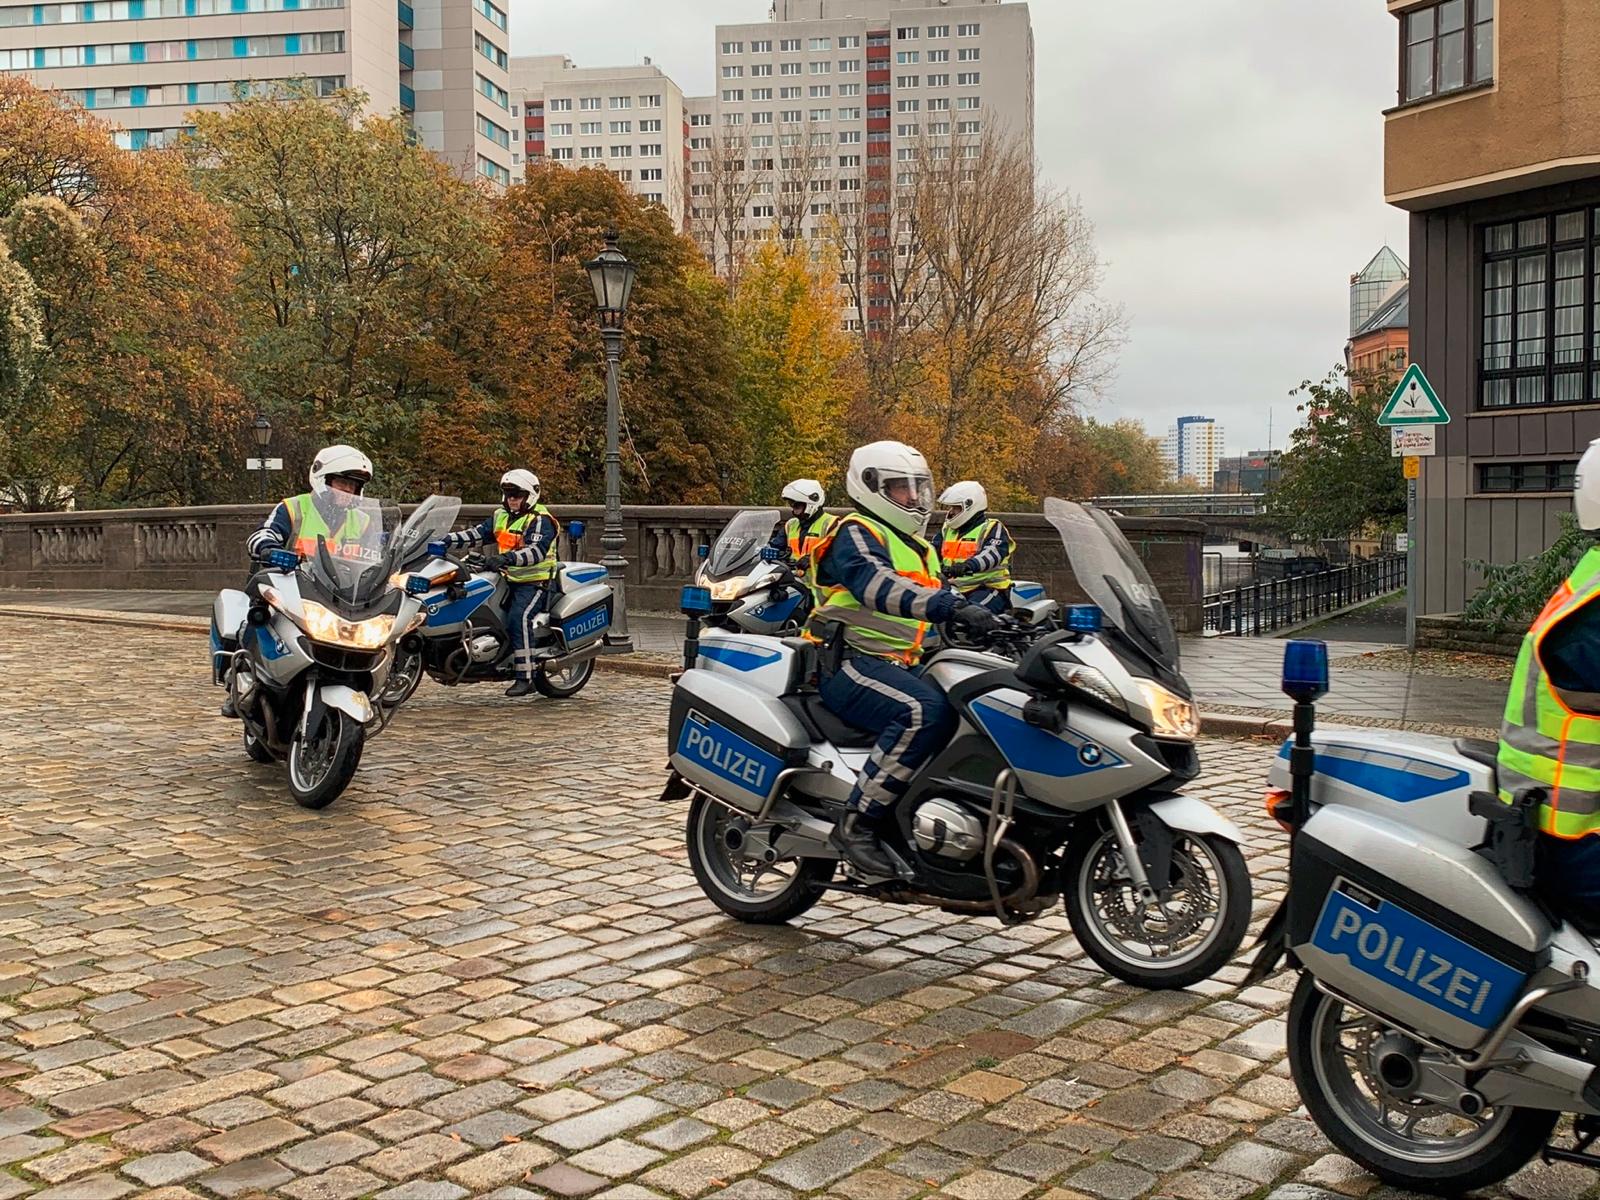 Cops fahren mit blau-silbernen Motorrädern über Kopfsteinpflaster. Dabei tragen sie einen blauen Kraderlederanzug und Helm, sowie eine gelbe Warnweste.